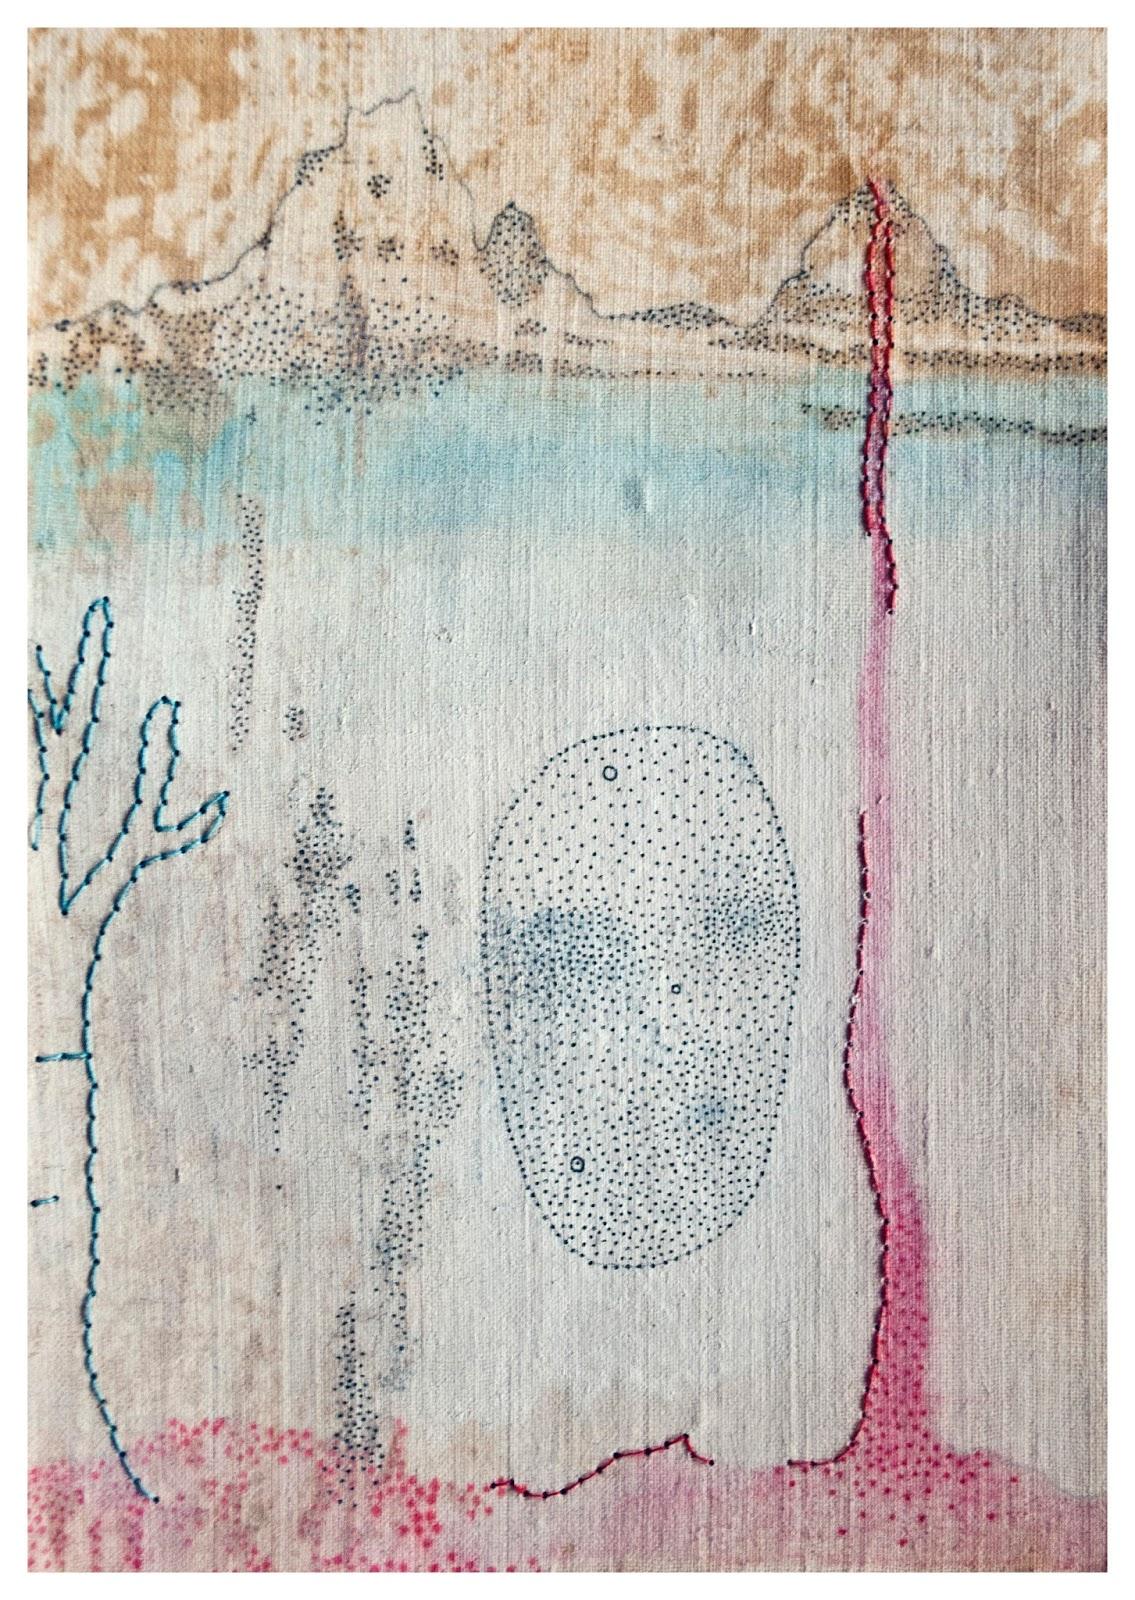 Sofia Rondelli, Topografia di un sentimento II, tecnica mista su carta, 2016